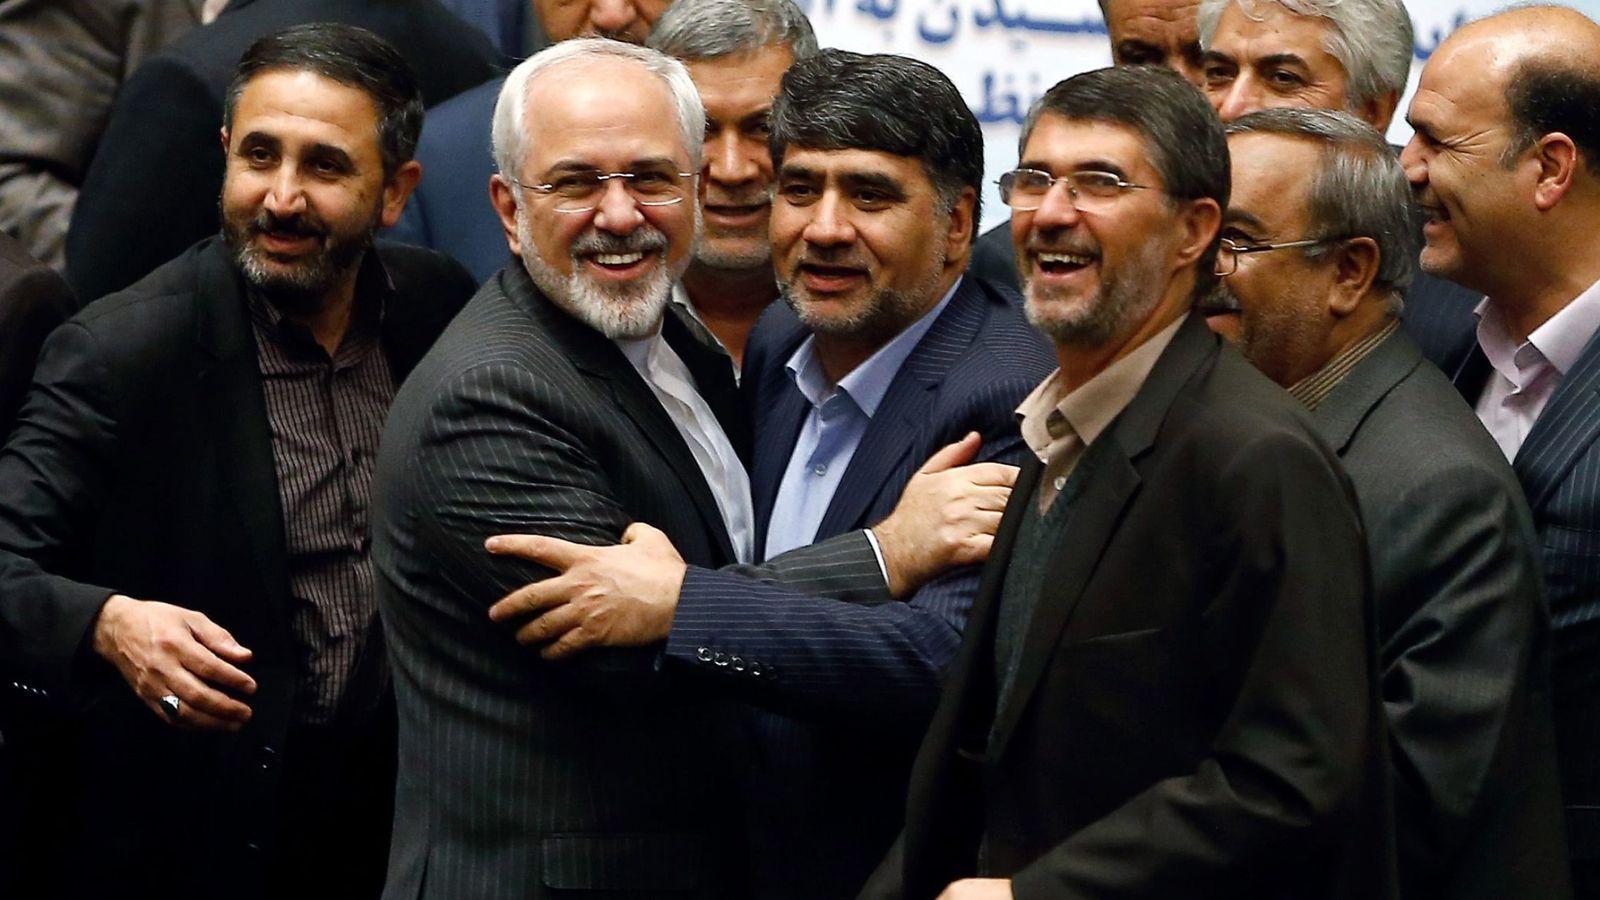 Foto: Miembros del Parlamento iraní felicitan al ministro de Exteriores, Mohammad Javad Zarif, tras el levantamiento de las sanciones a Irán. (EFE)